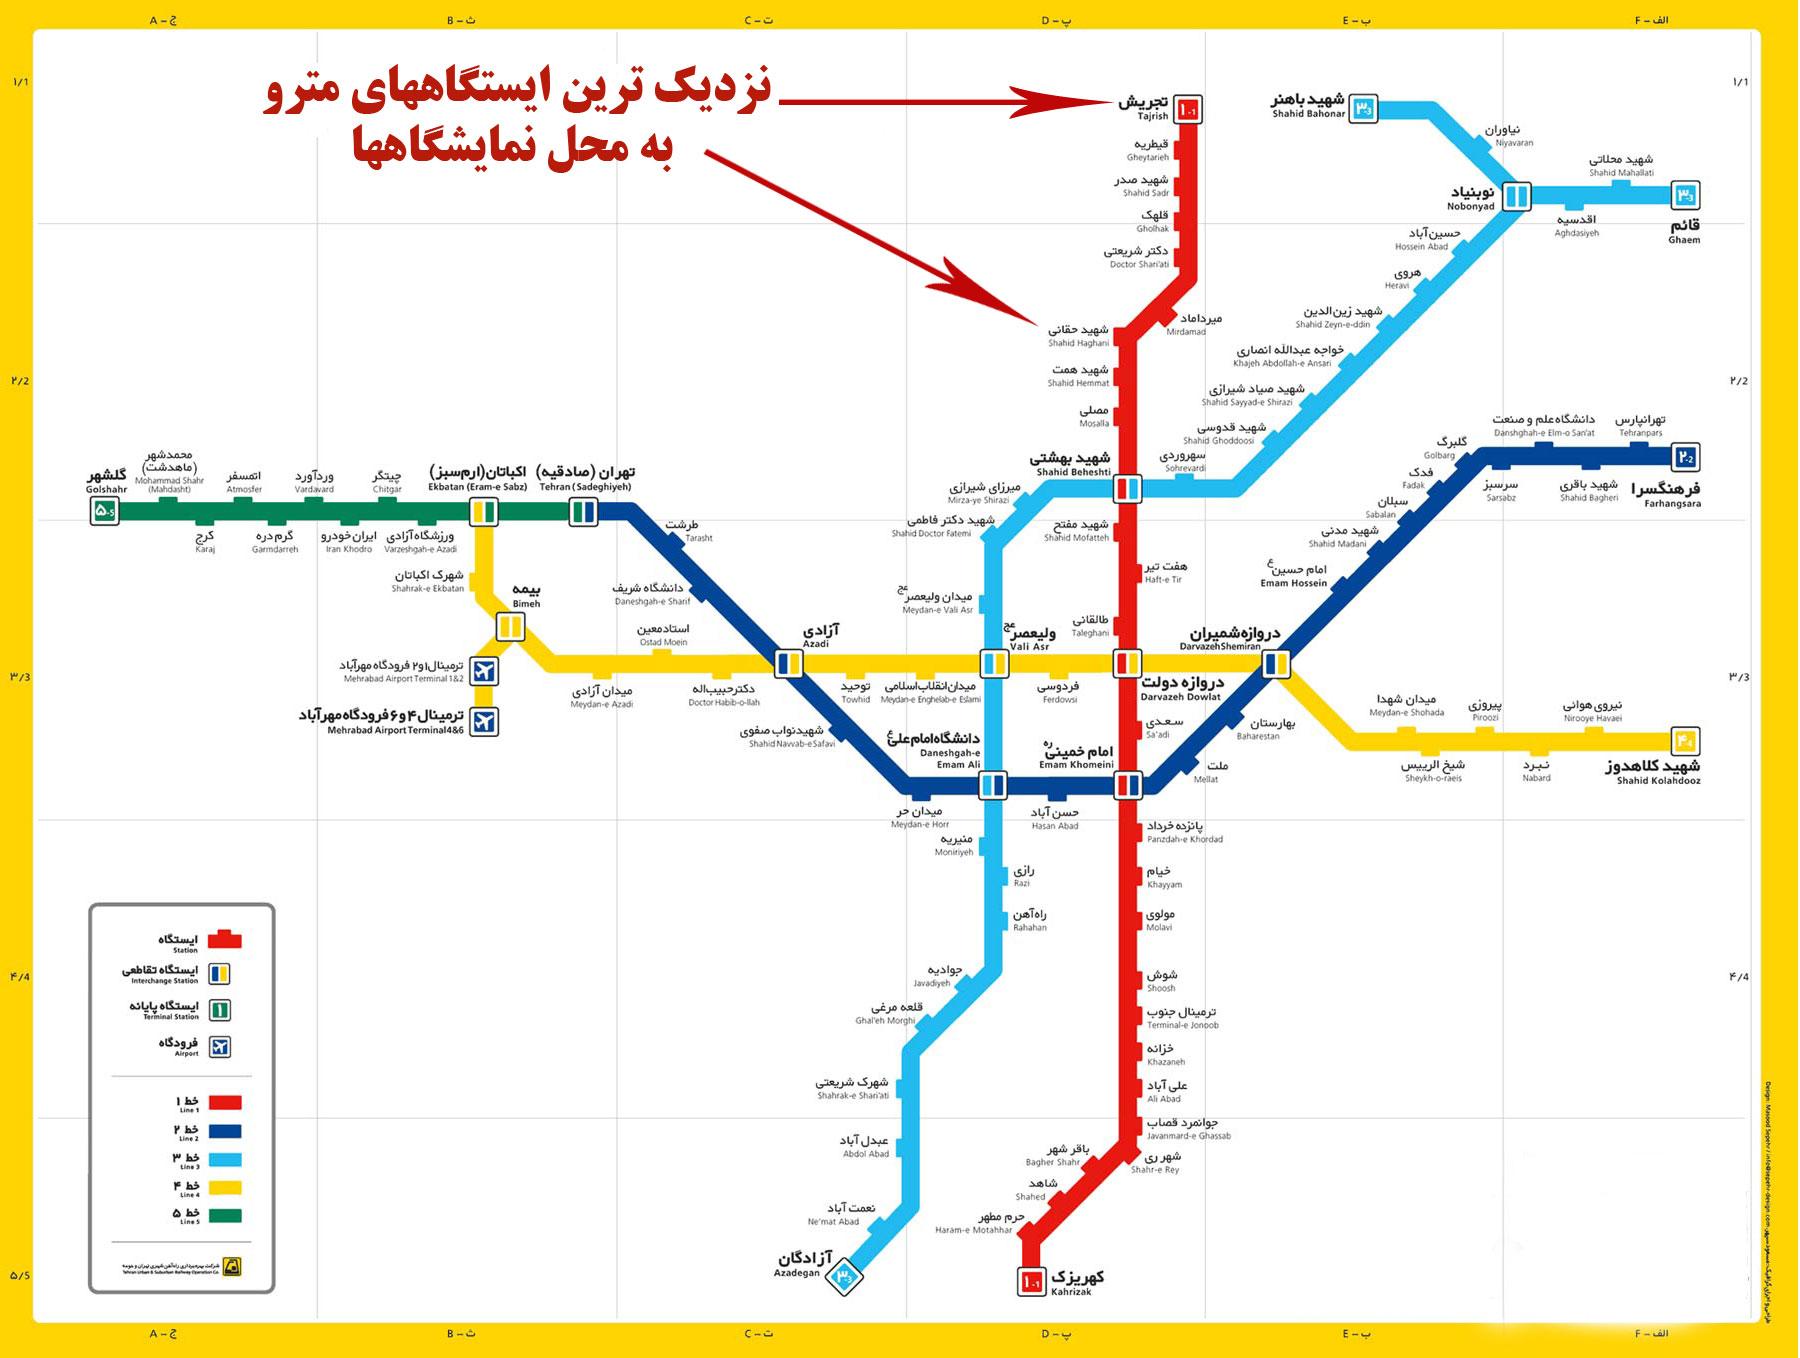 مسیر دسترسی به نمایشگاه تهرانمسیر دسترسی به نمایشگاه تهران